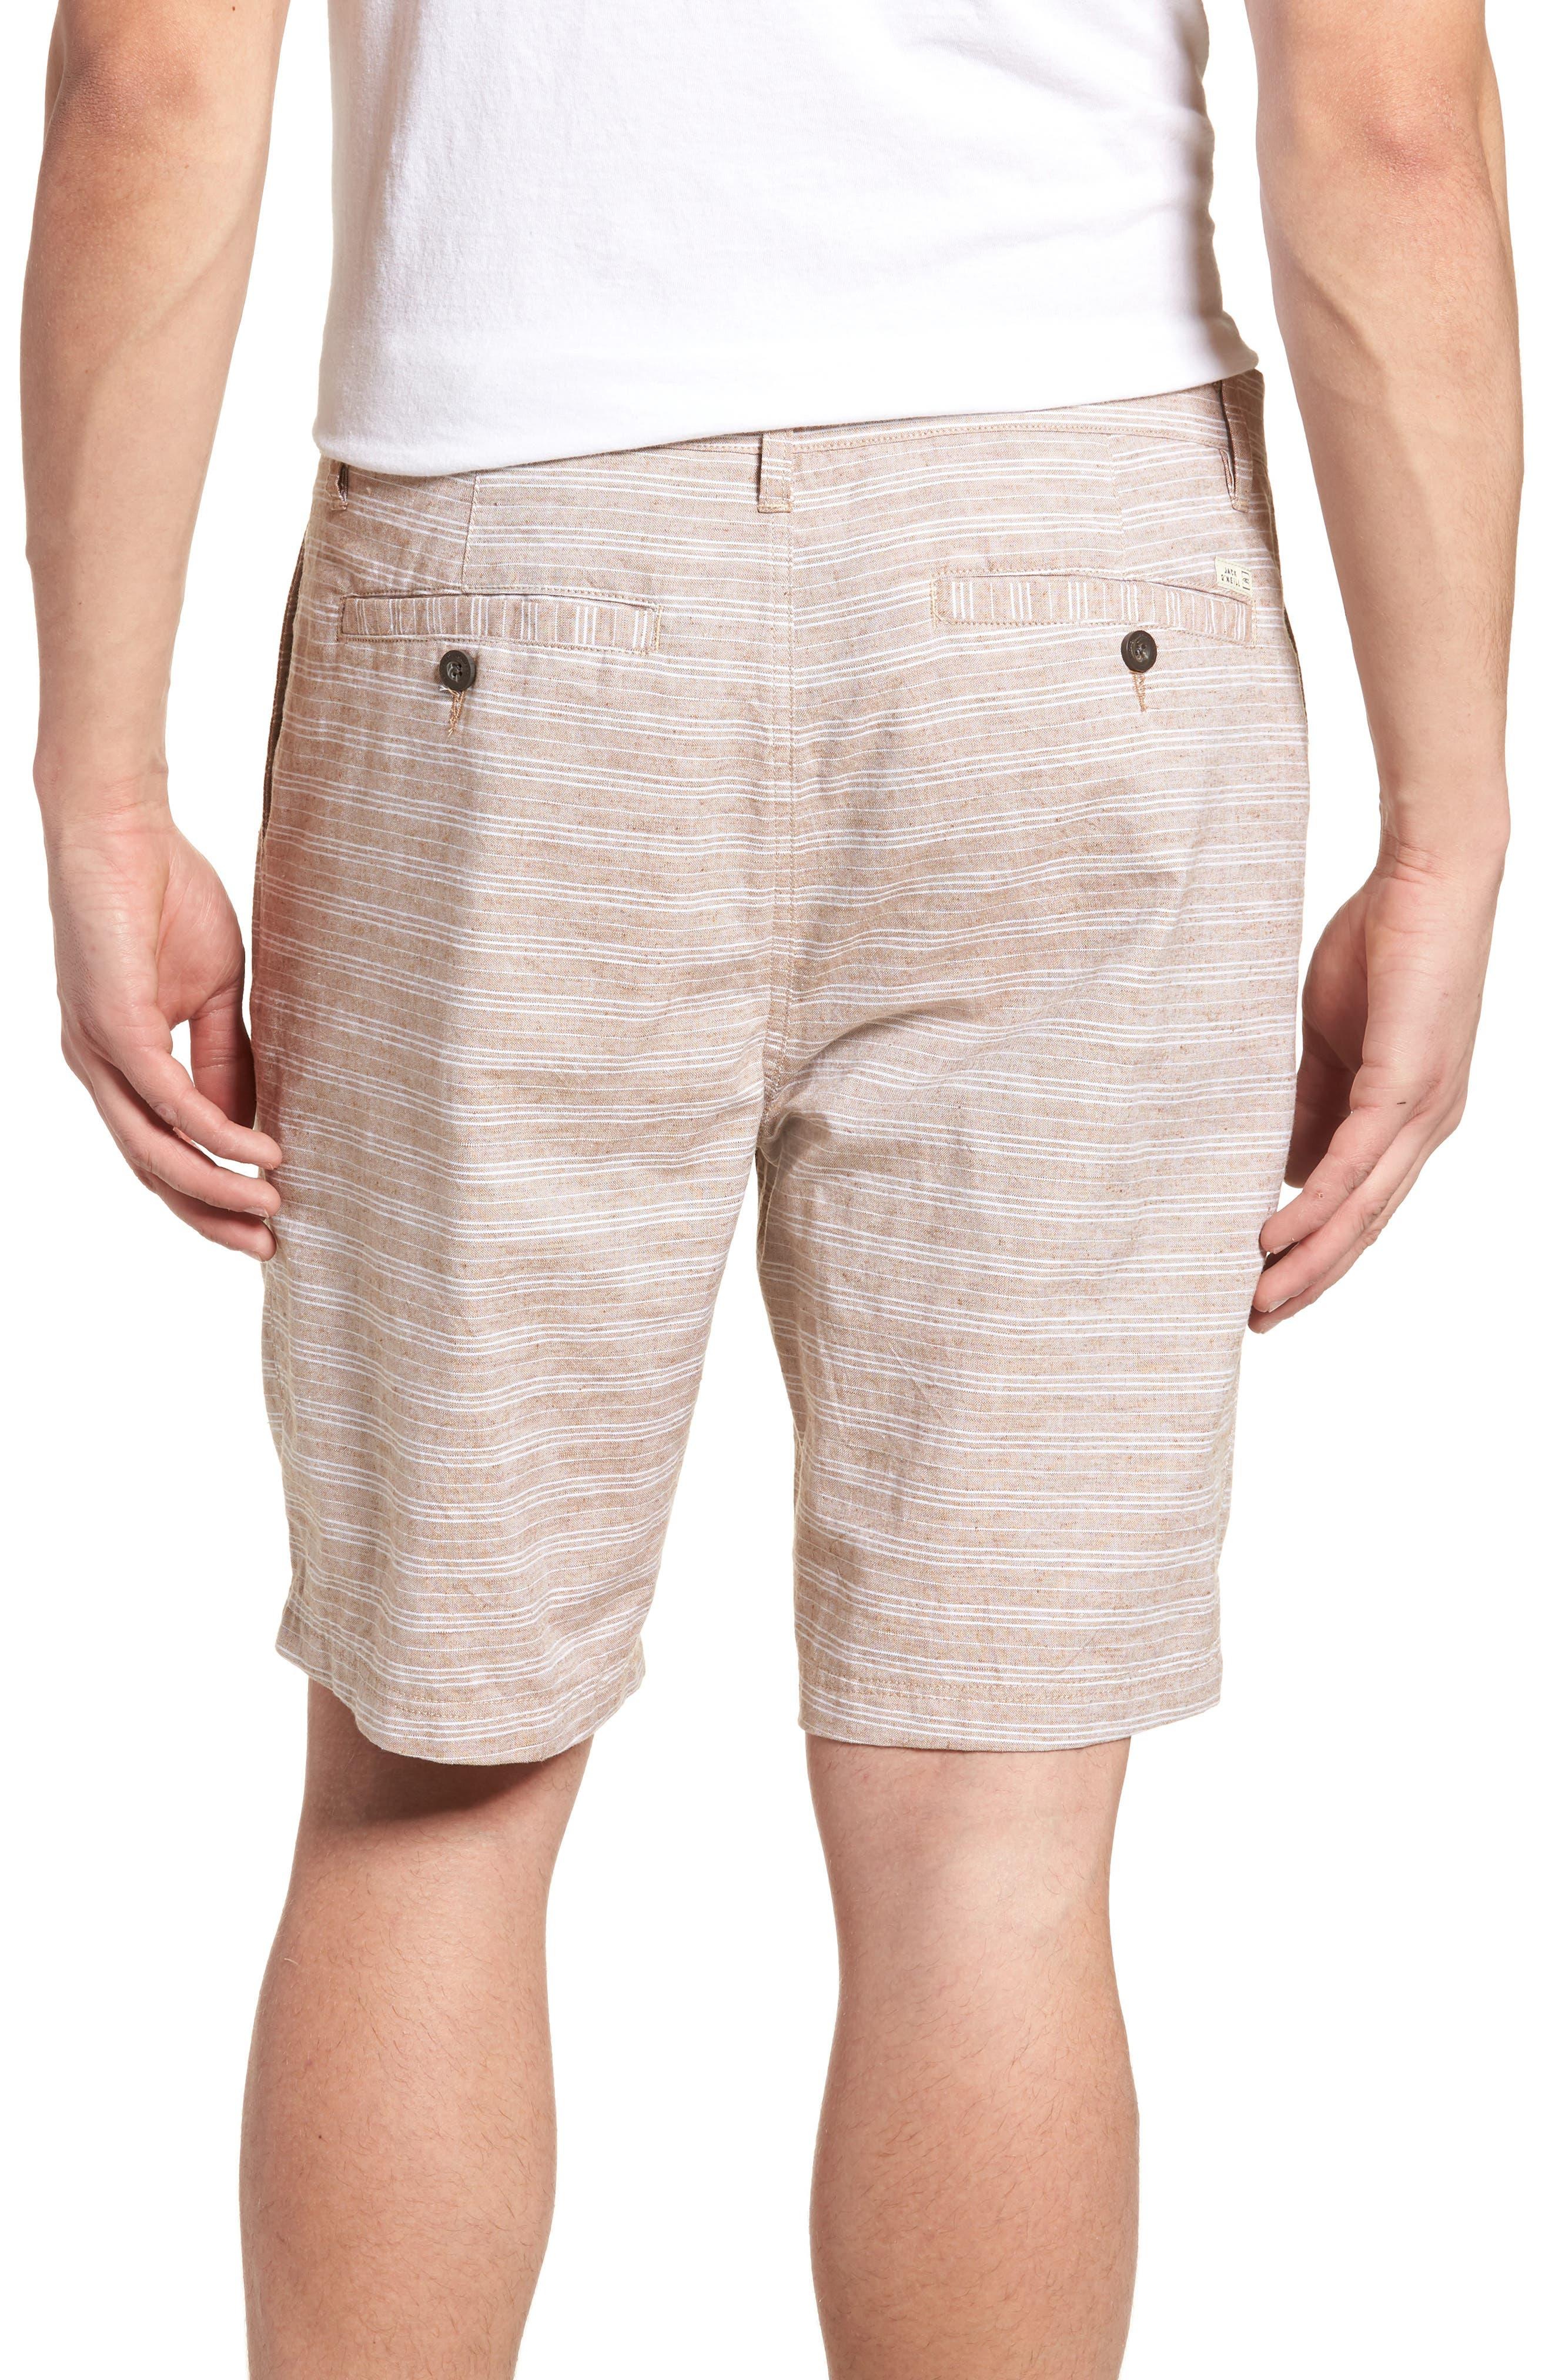 Windward Shorts,                             Alternate thumbnail 2, color,                             Tobacco